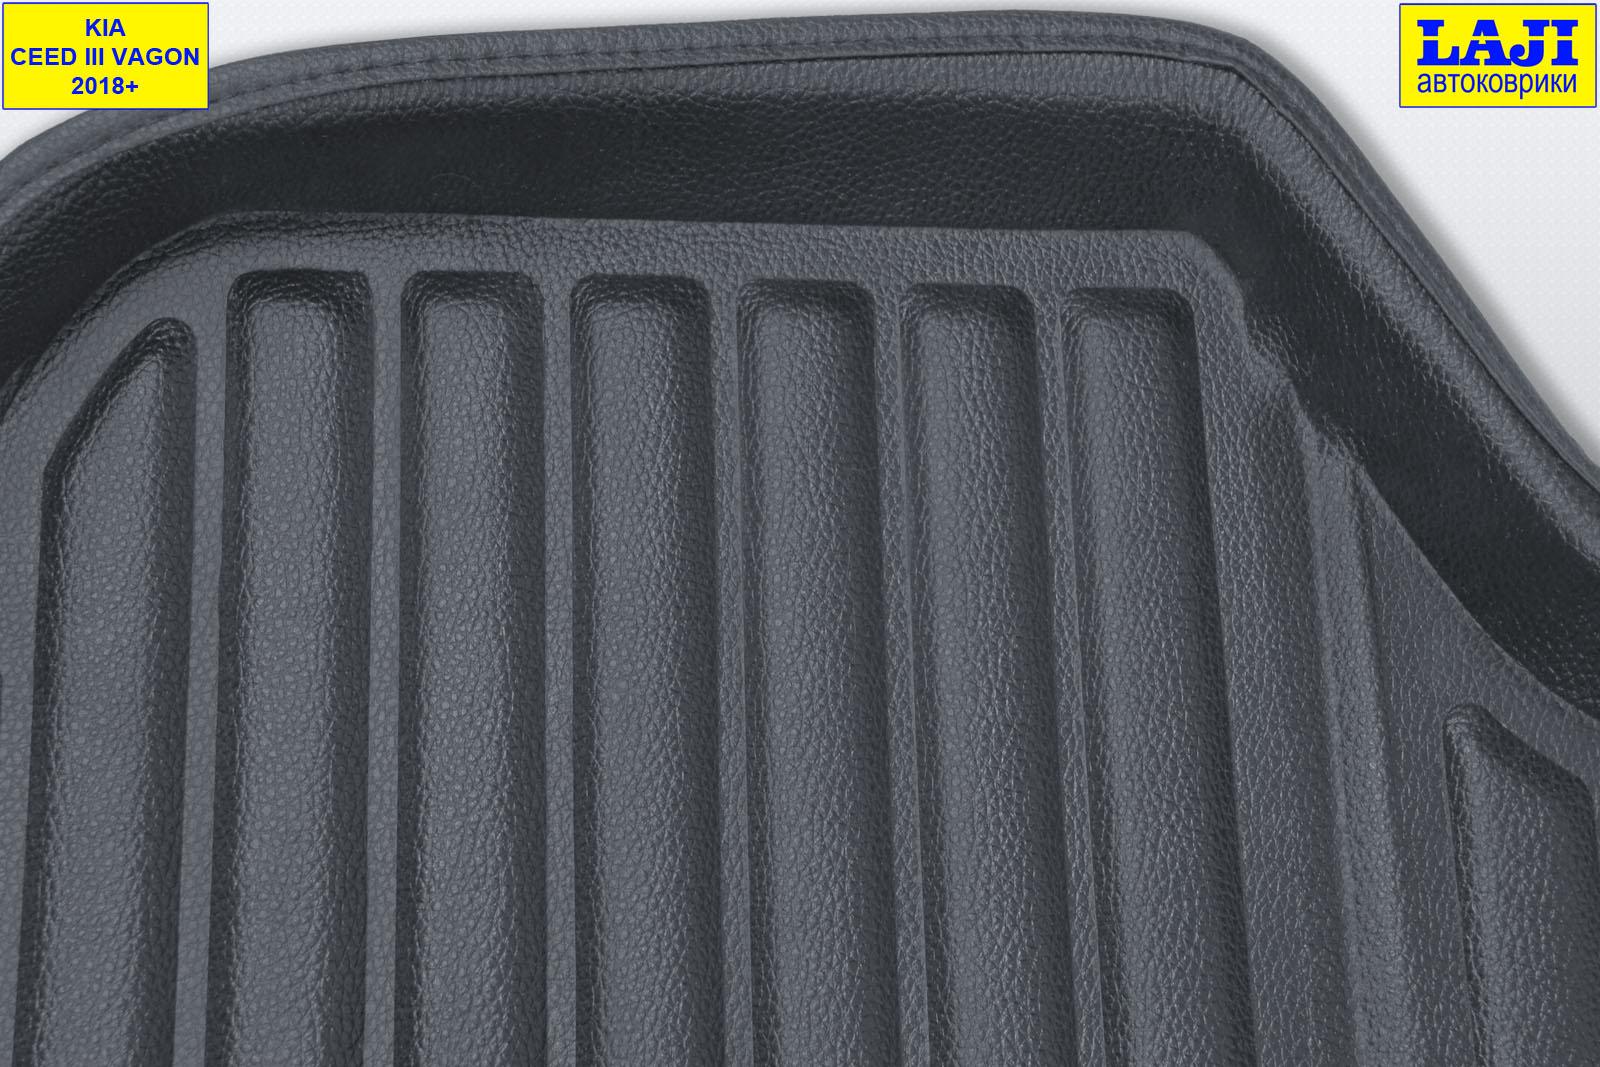 3D коврик в багажник Kia Ceed SW III 2018-н.в. 3